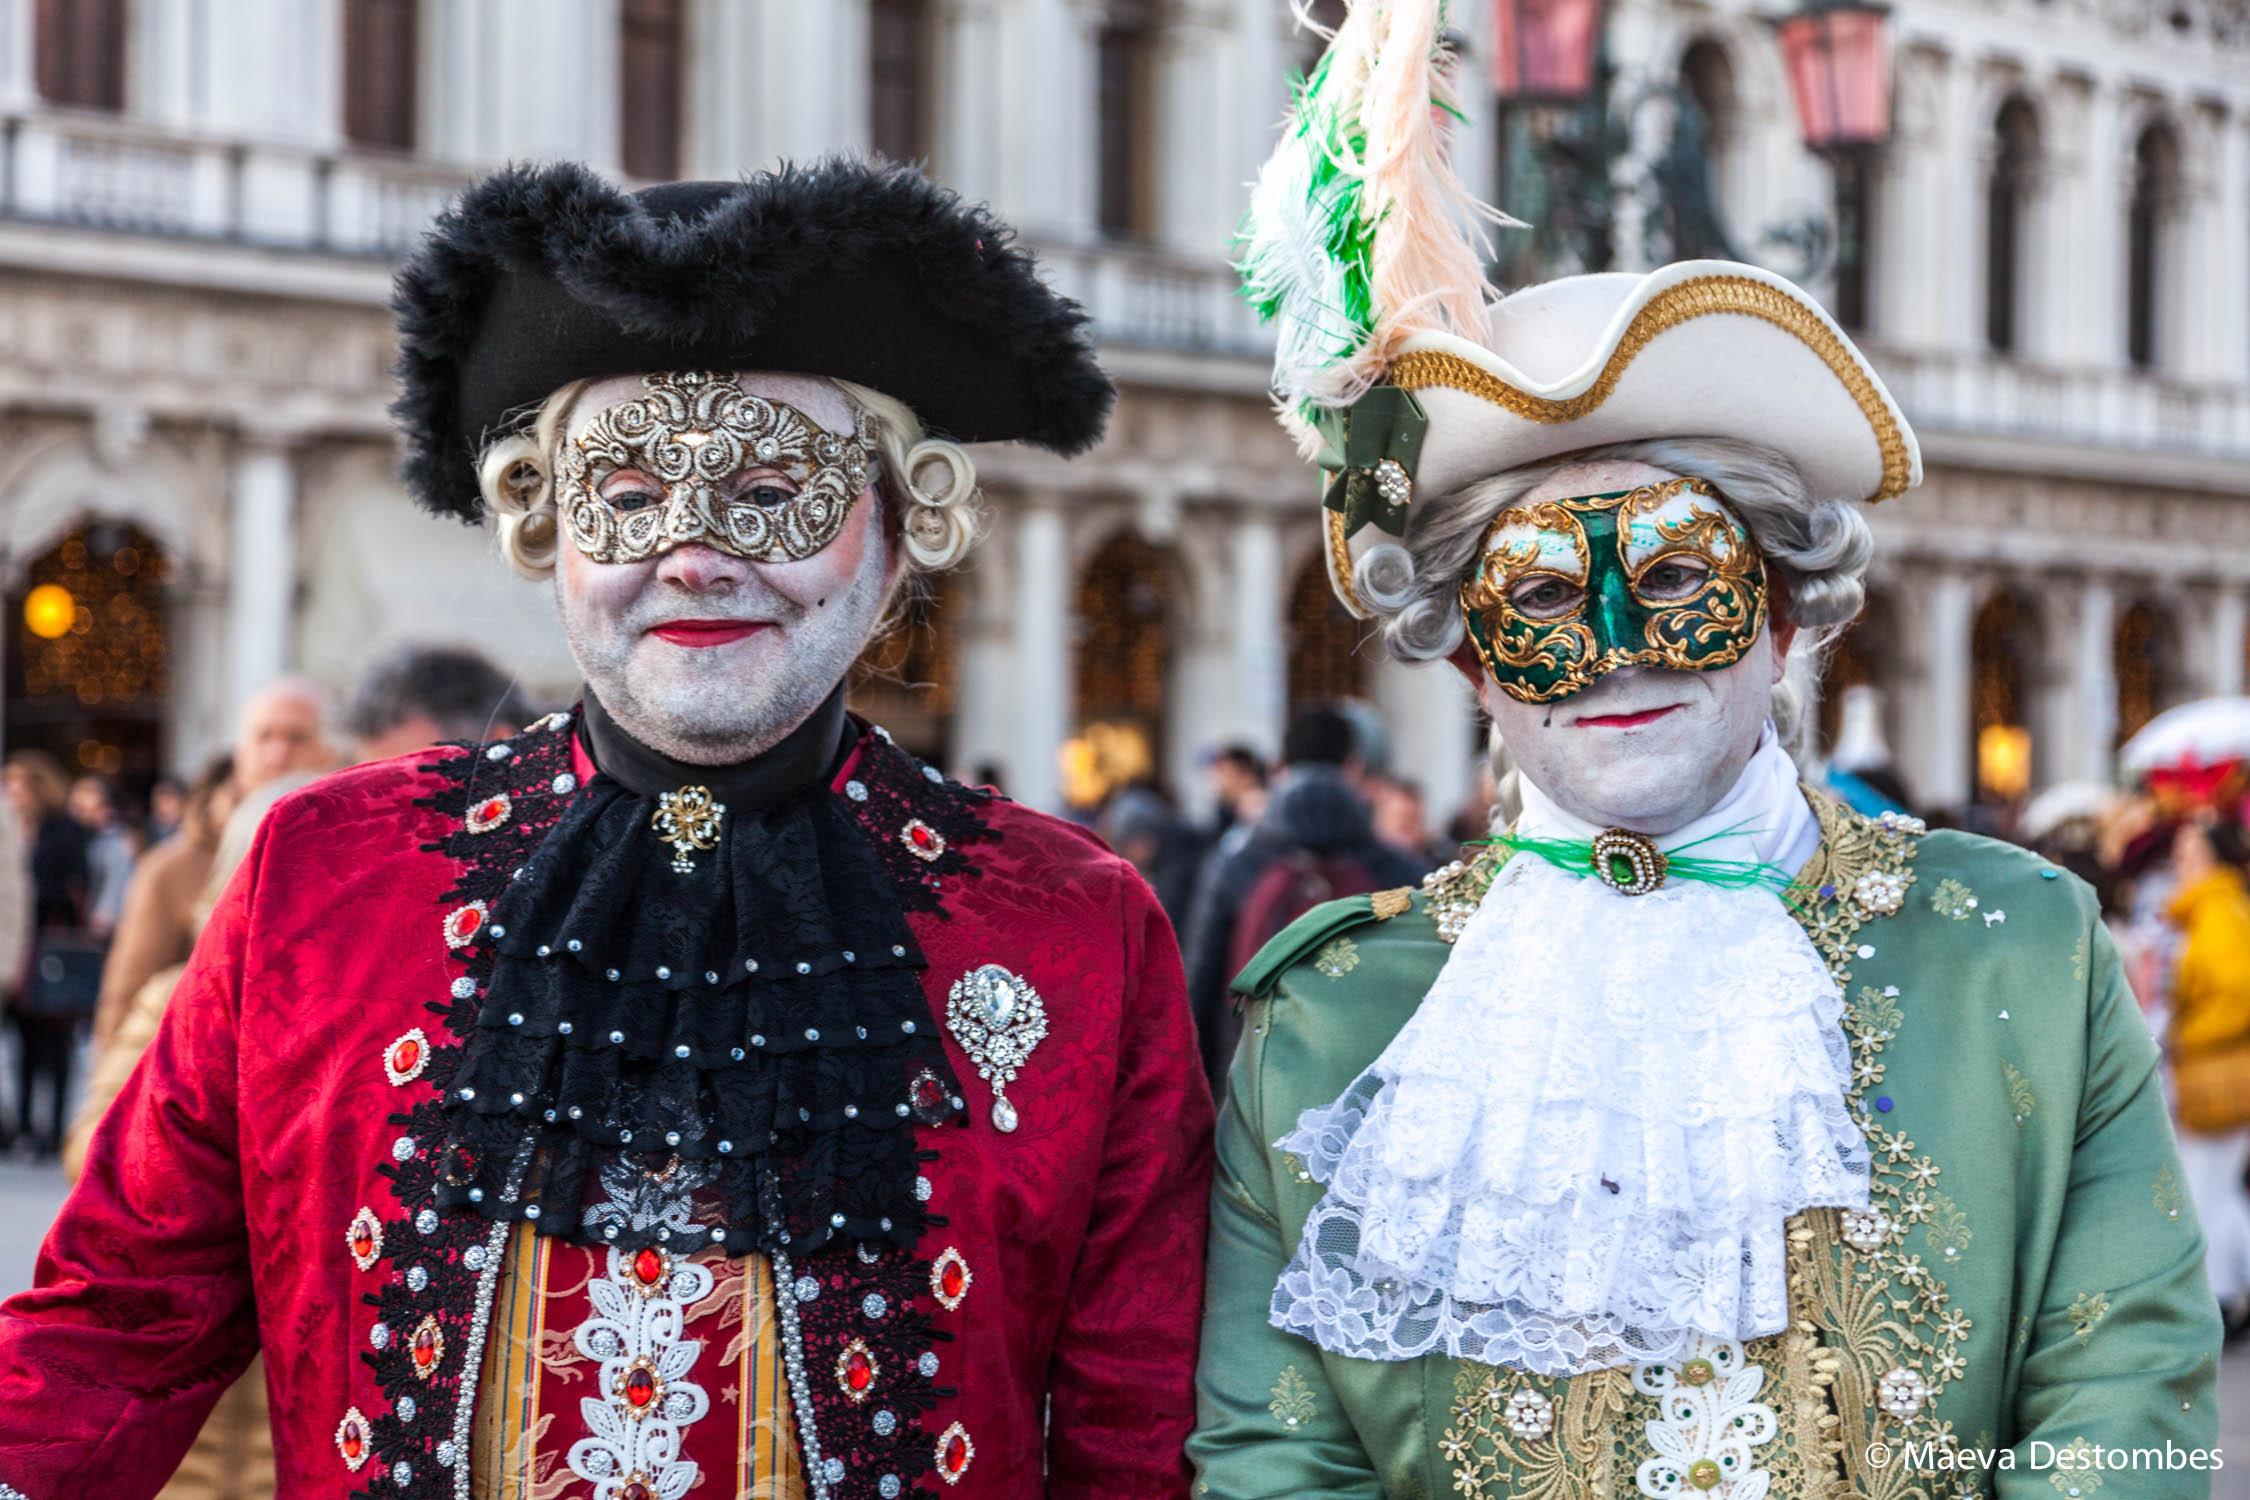 Deux hommes habillés de costumes époque Louis 14 lors du carnaval de Venise